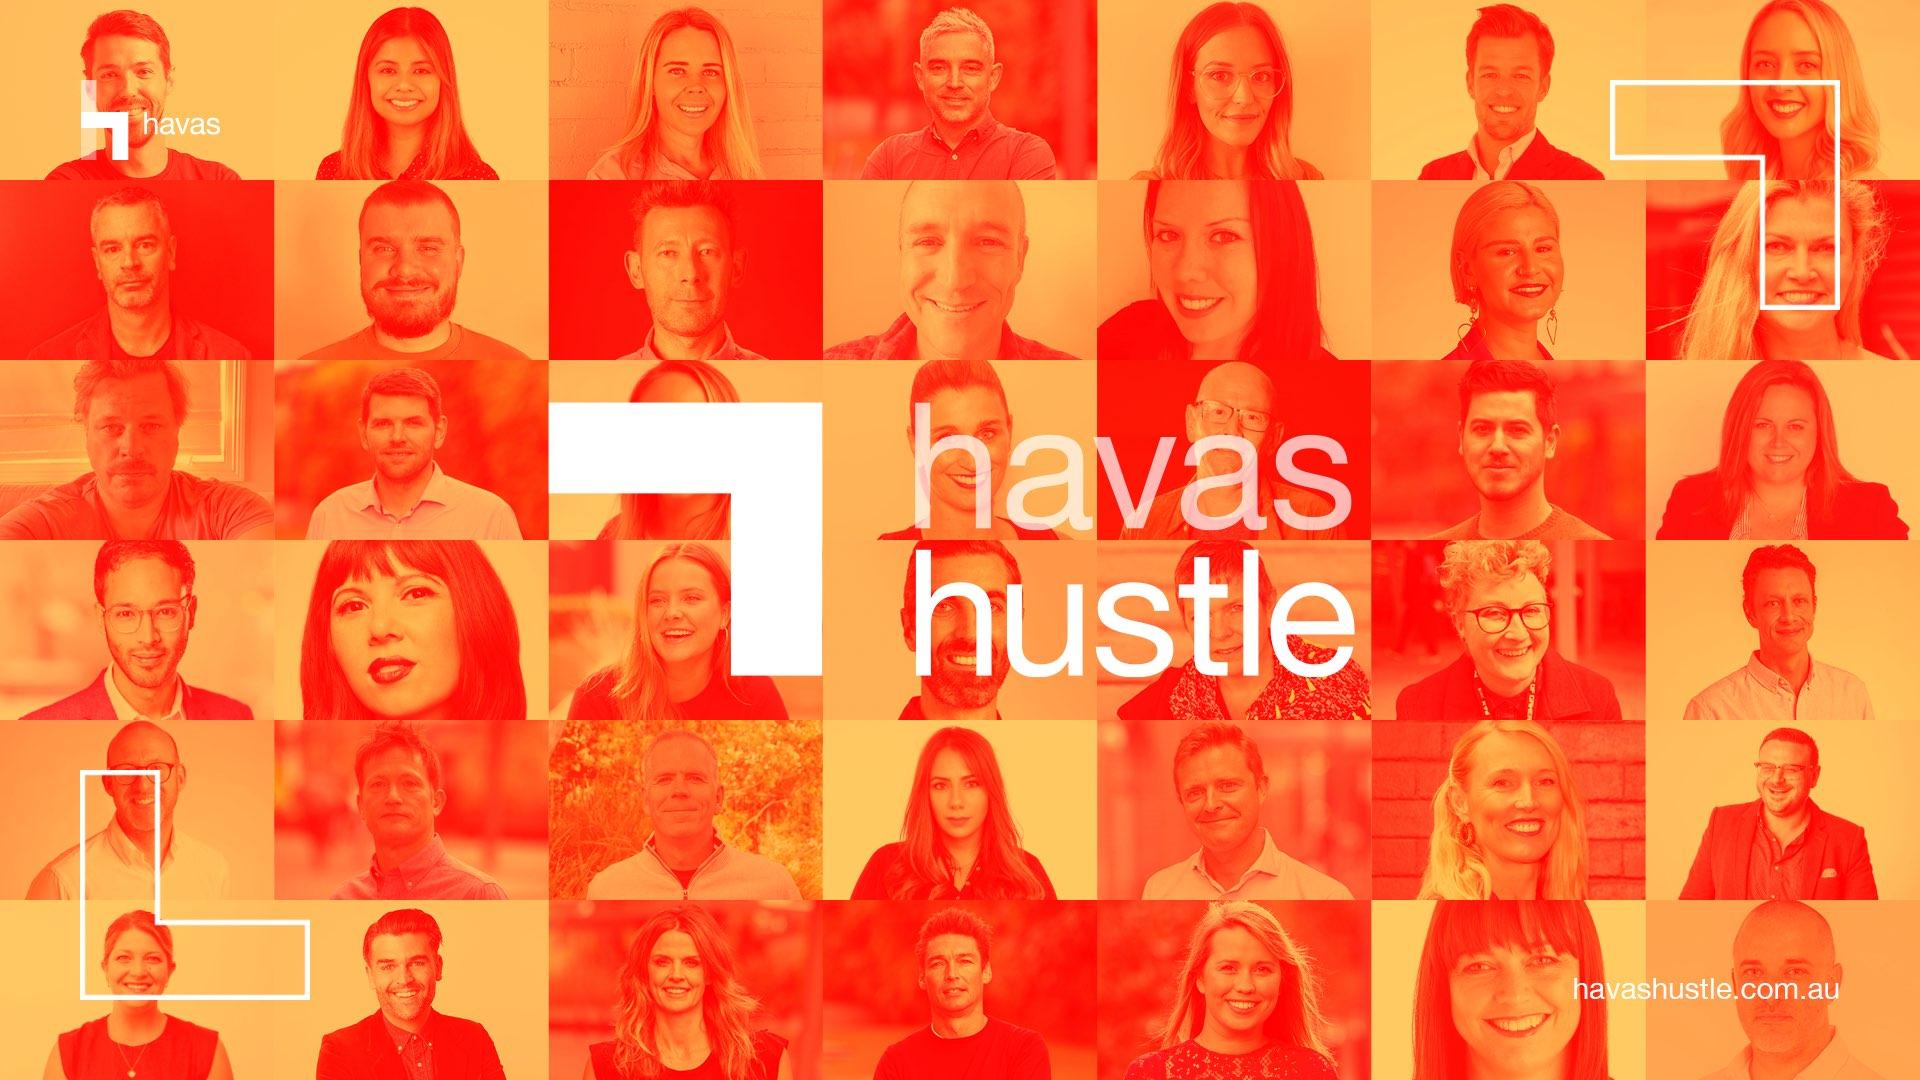 Havas Hustle returns to support women-led startups and entrepreneurs